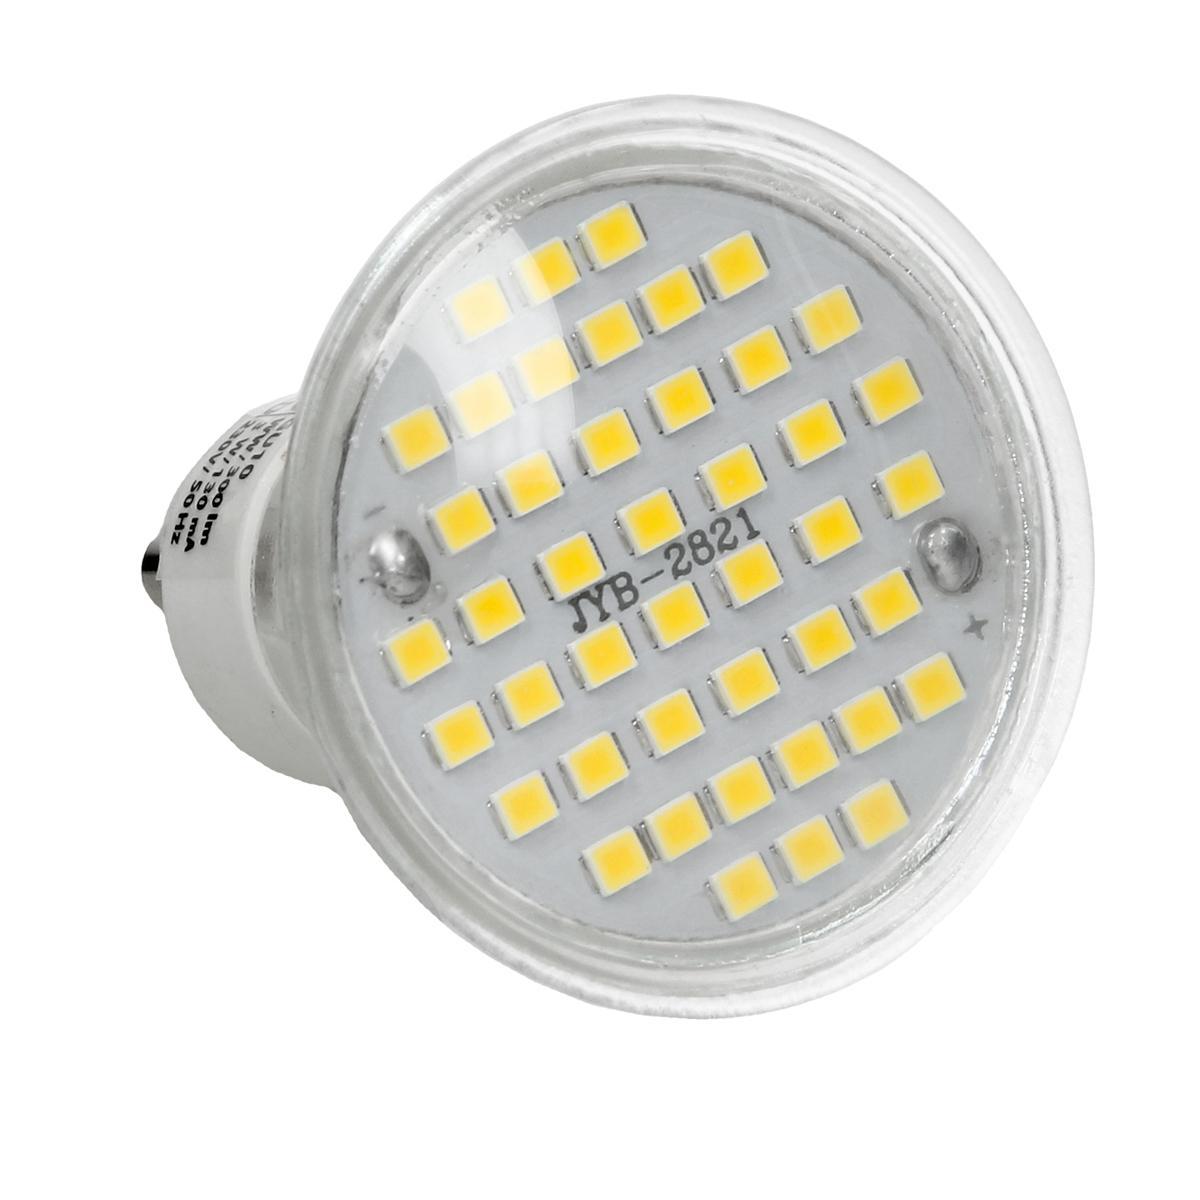 Nouveau-économie d/'énergie Lumière Ampoule GU10 Spotlight Lampe 3 W DEL SMD 3000K Blanc Chaud